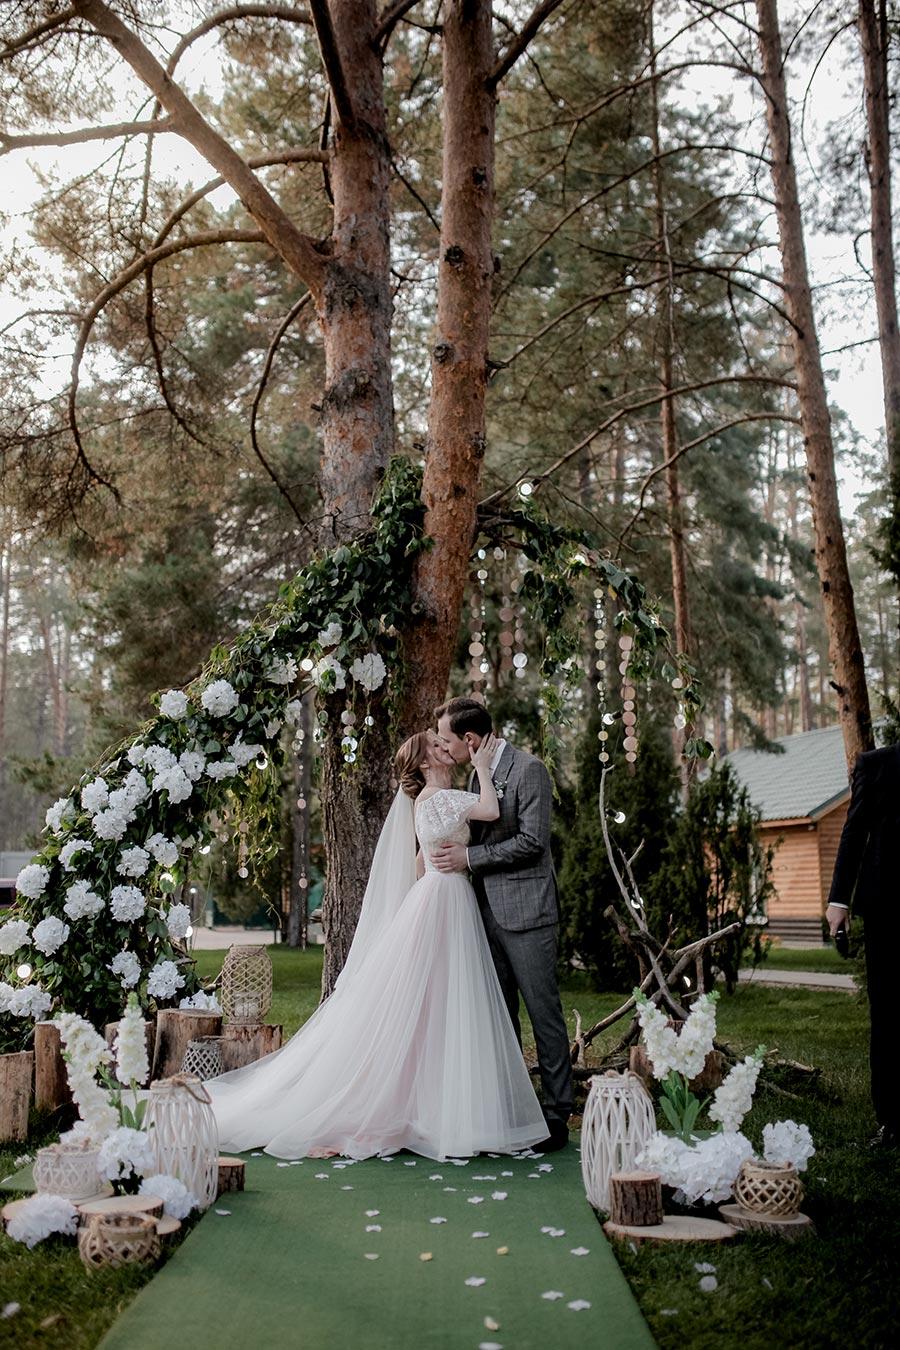 душевная свадьба тани и славы на природе 11